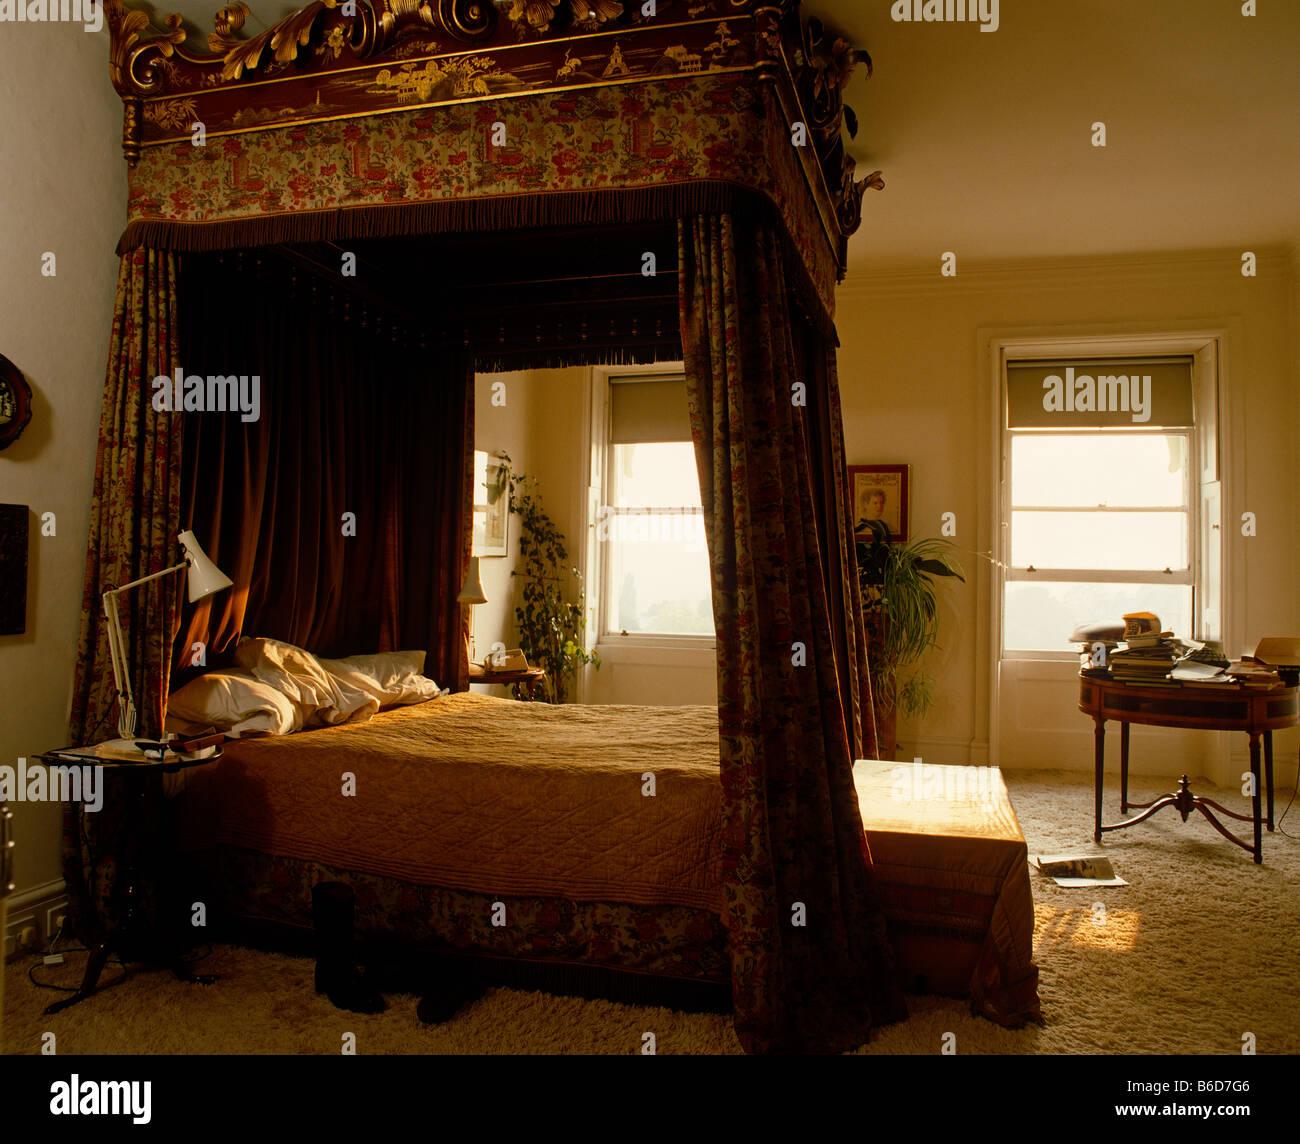 Letto a baldacchino in camera da letto lussuosa in gran casa inglese ...